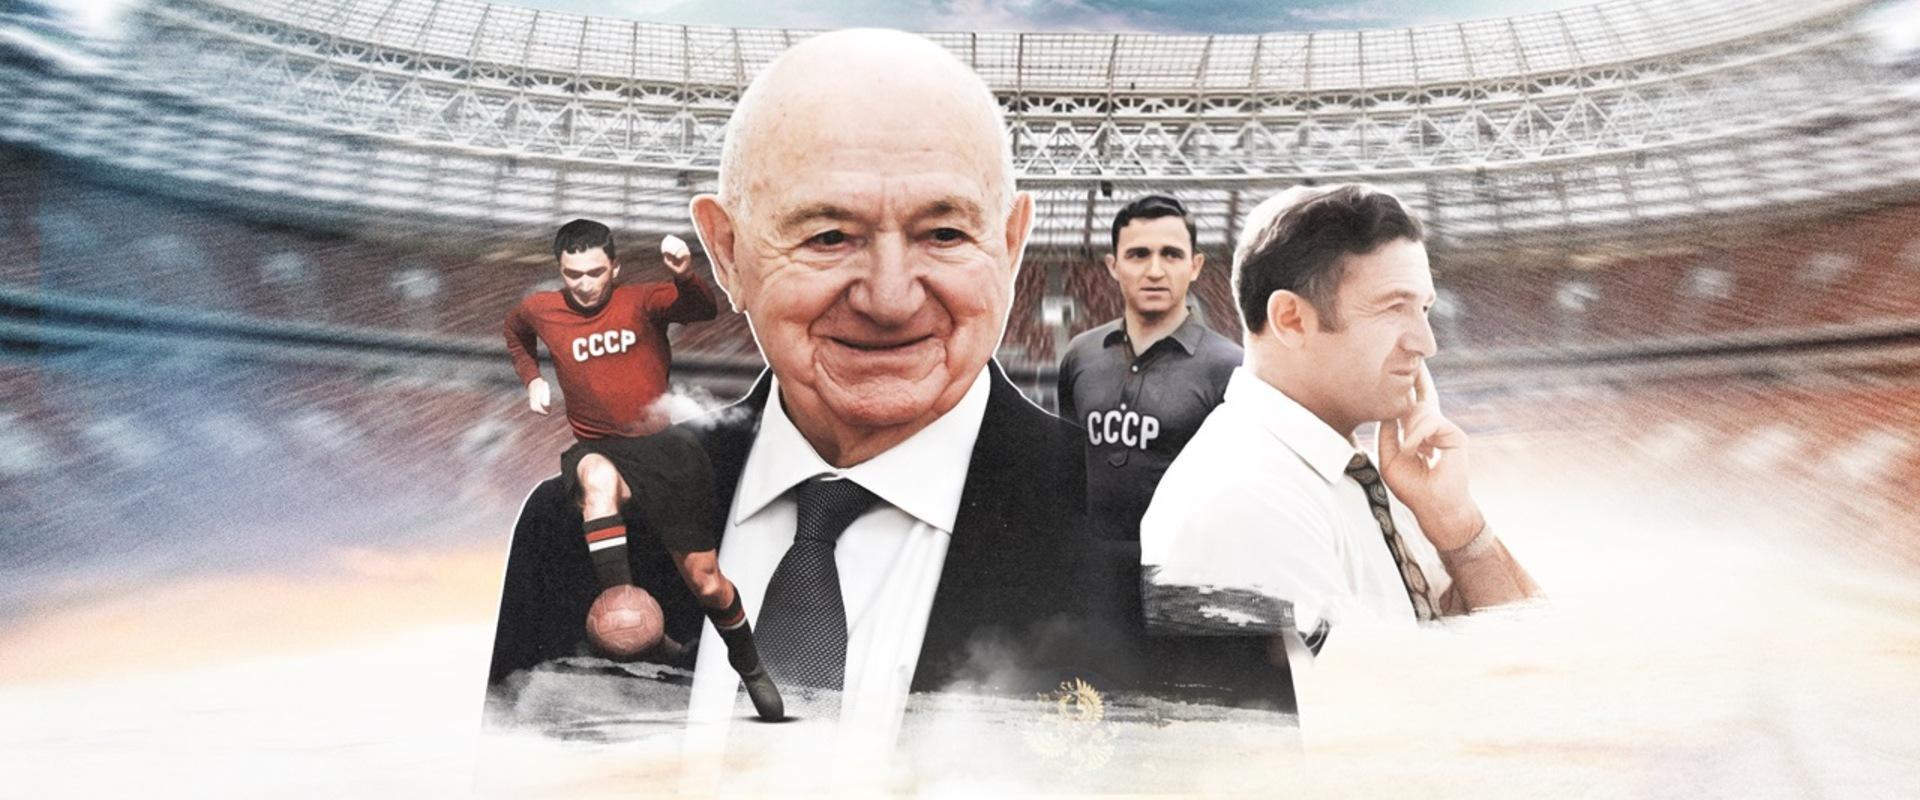 Вся жизнь - футбол. Никите Симоняну - 95!